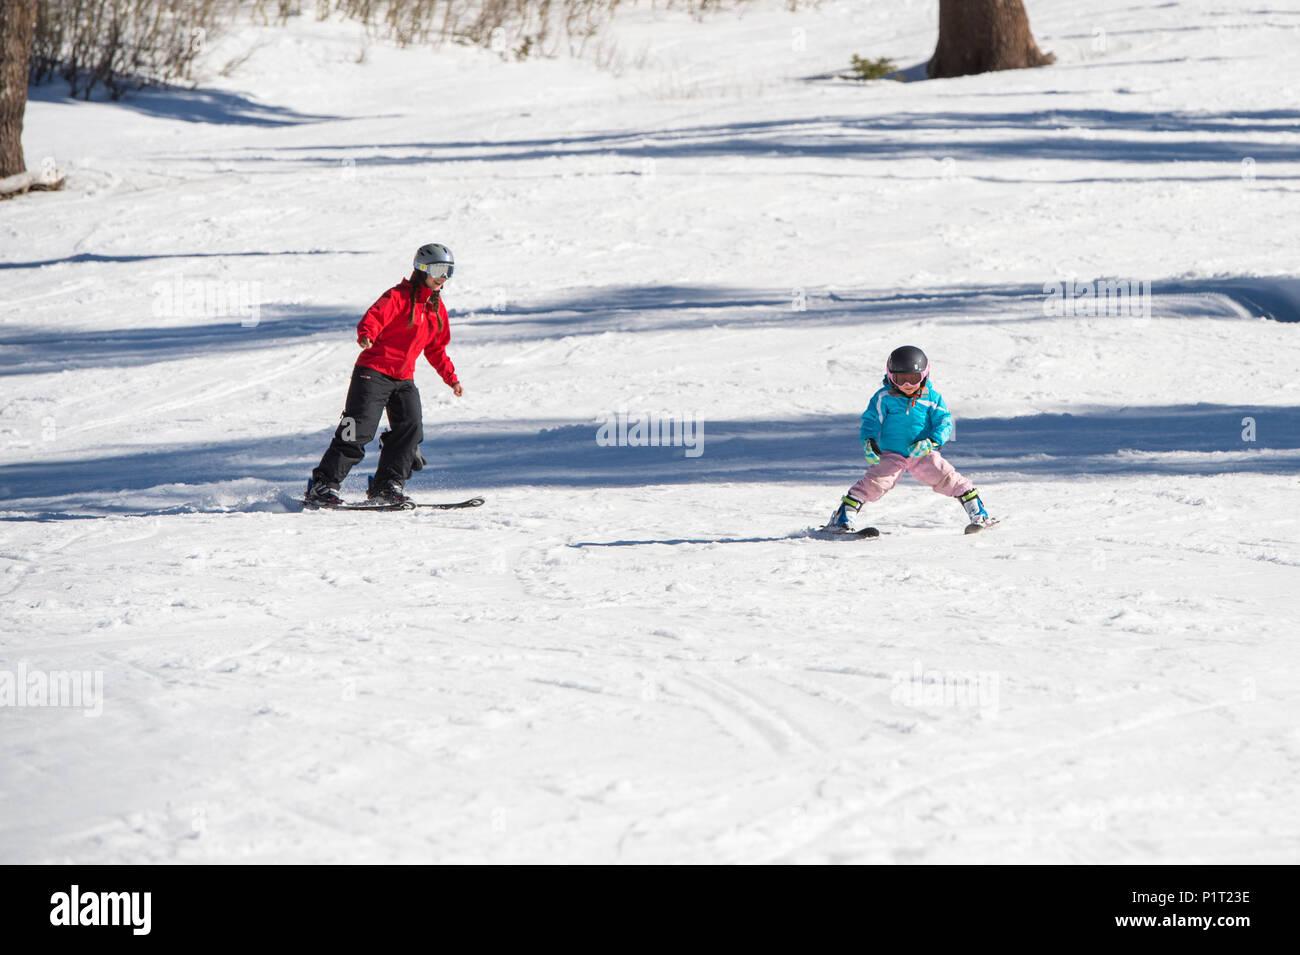 Madre de la enseñanza joven hija cómo esquiar en la Estación de Esquí Squaw Valley en California, en América del Norte. Imagen De Stock